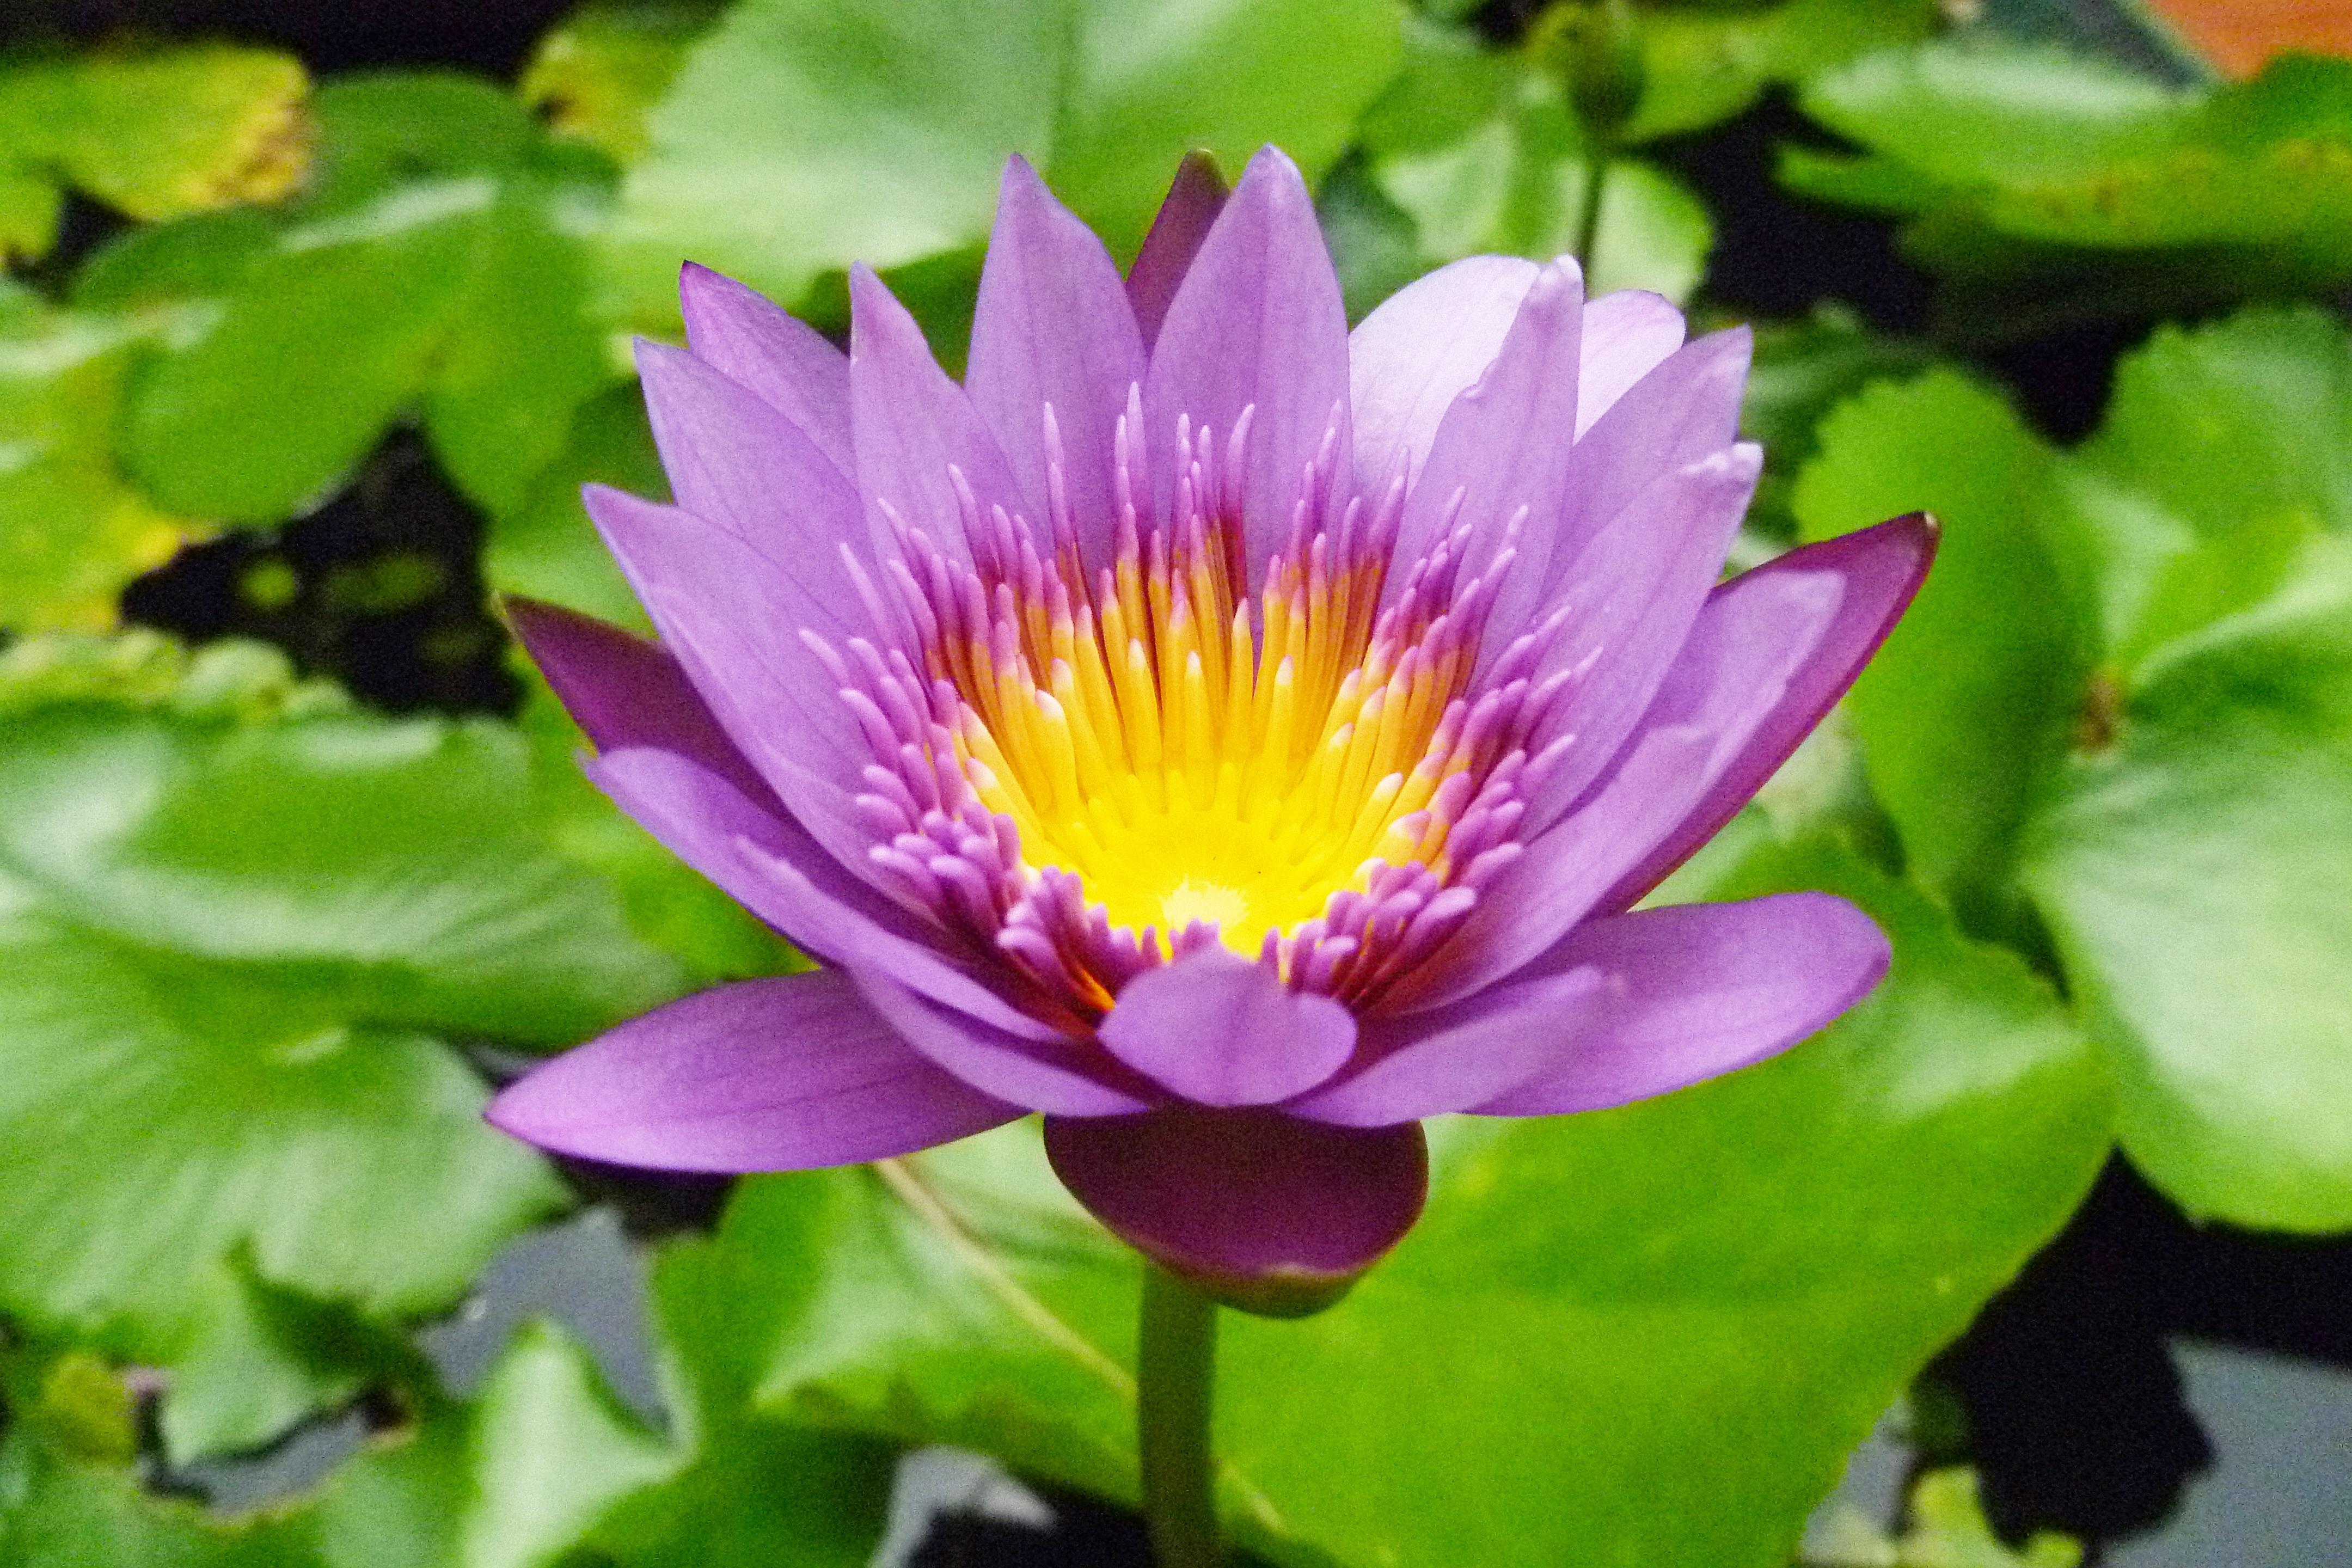 Free Images Nature Petal Bloom Pink Sacred Lotus Aquatic